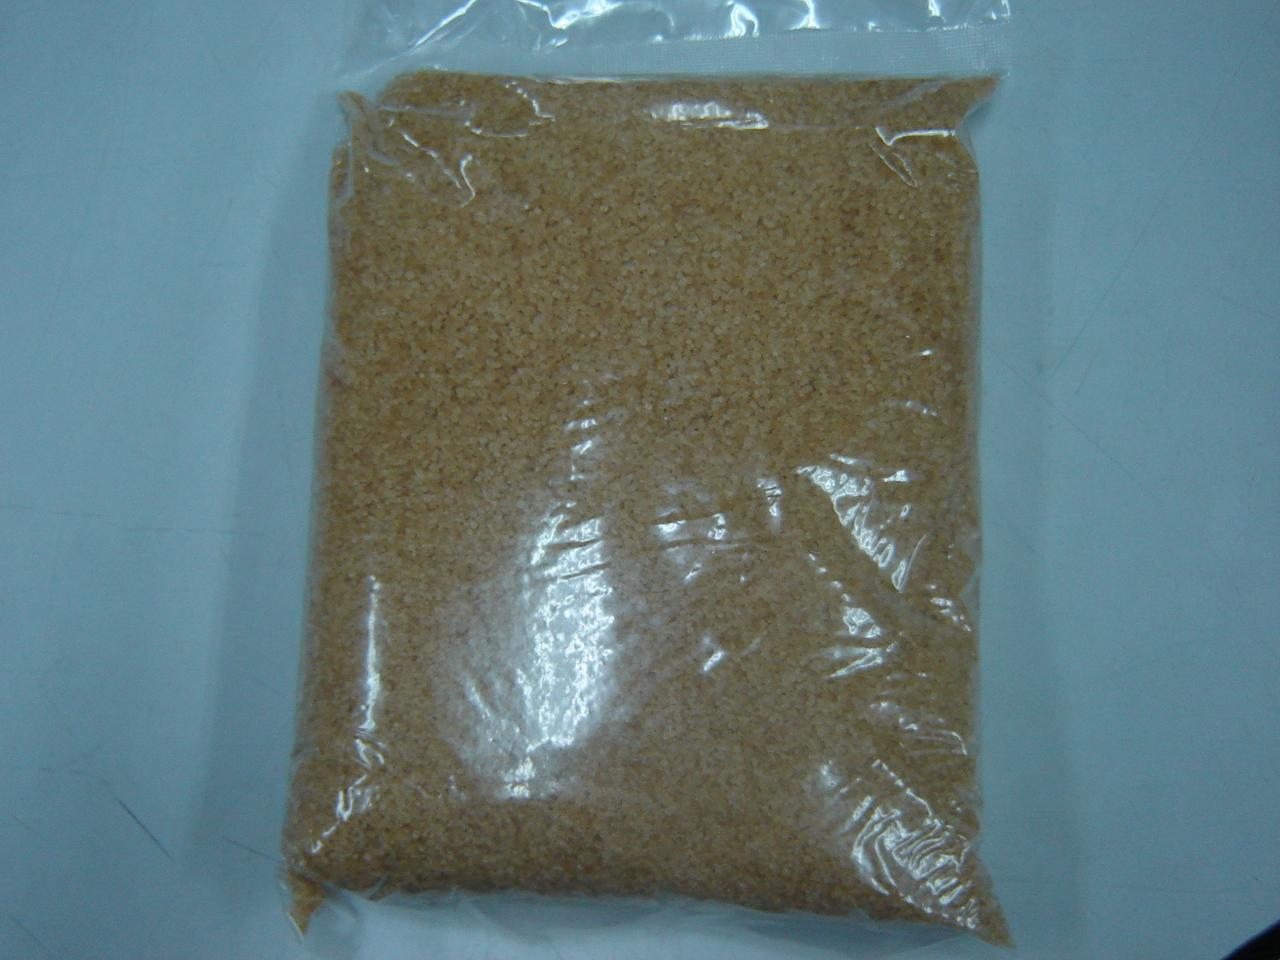 27-000-1100-1 น้ำตาลทรายสีรำ (กก.) กระสอบ* 50 กก